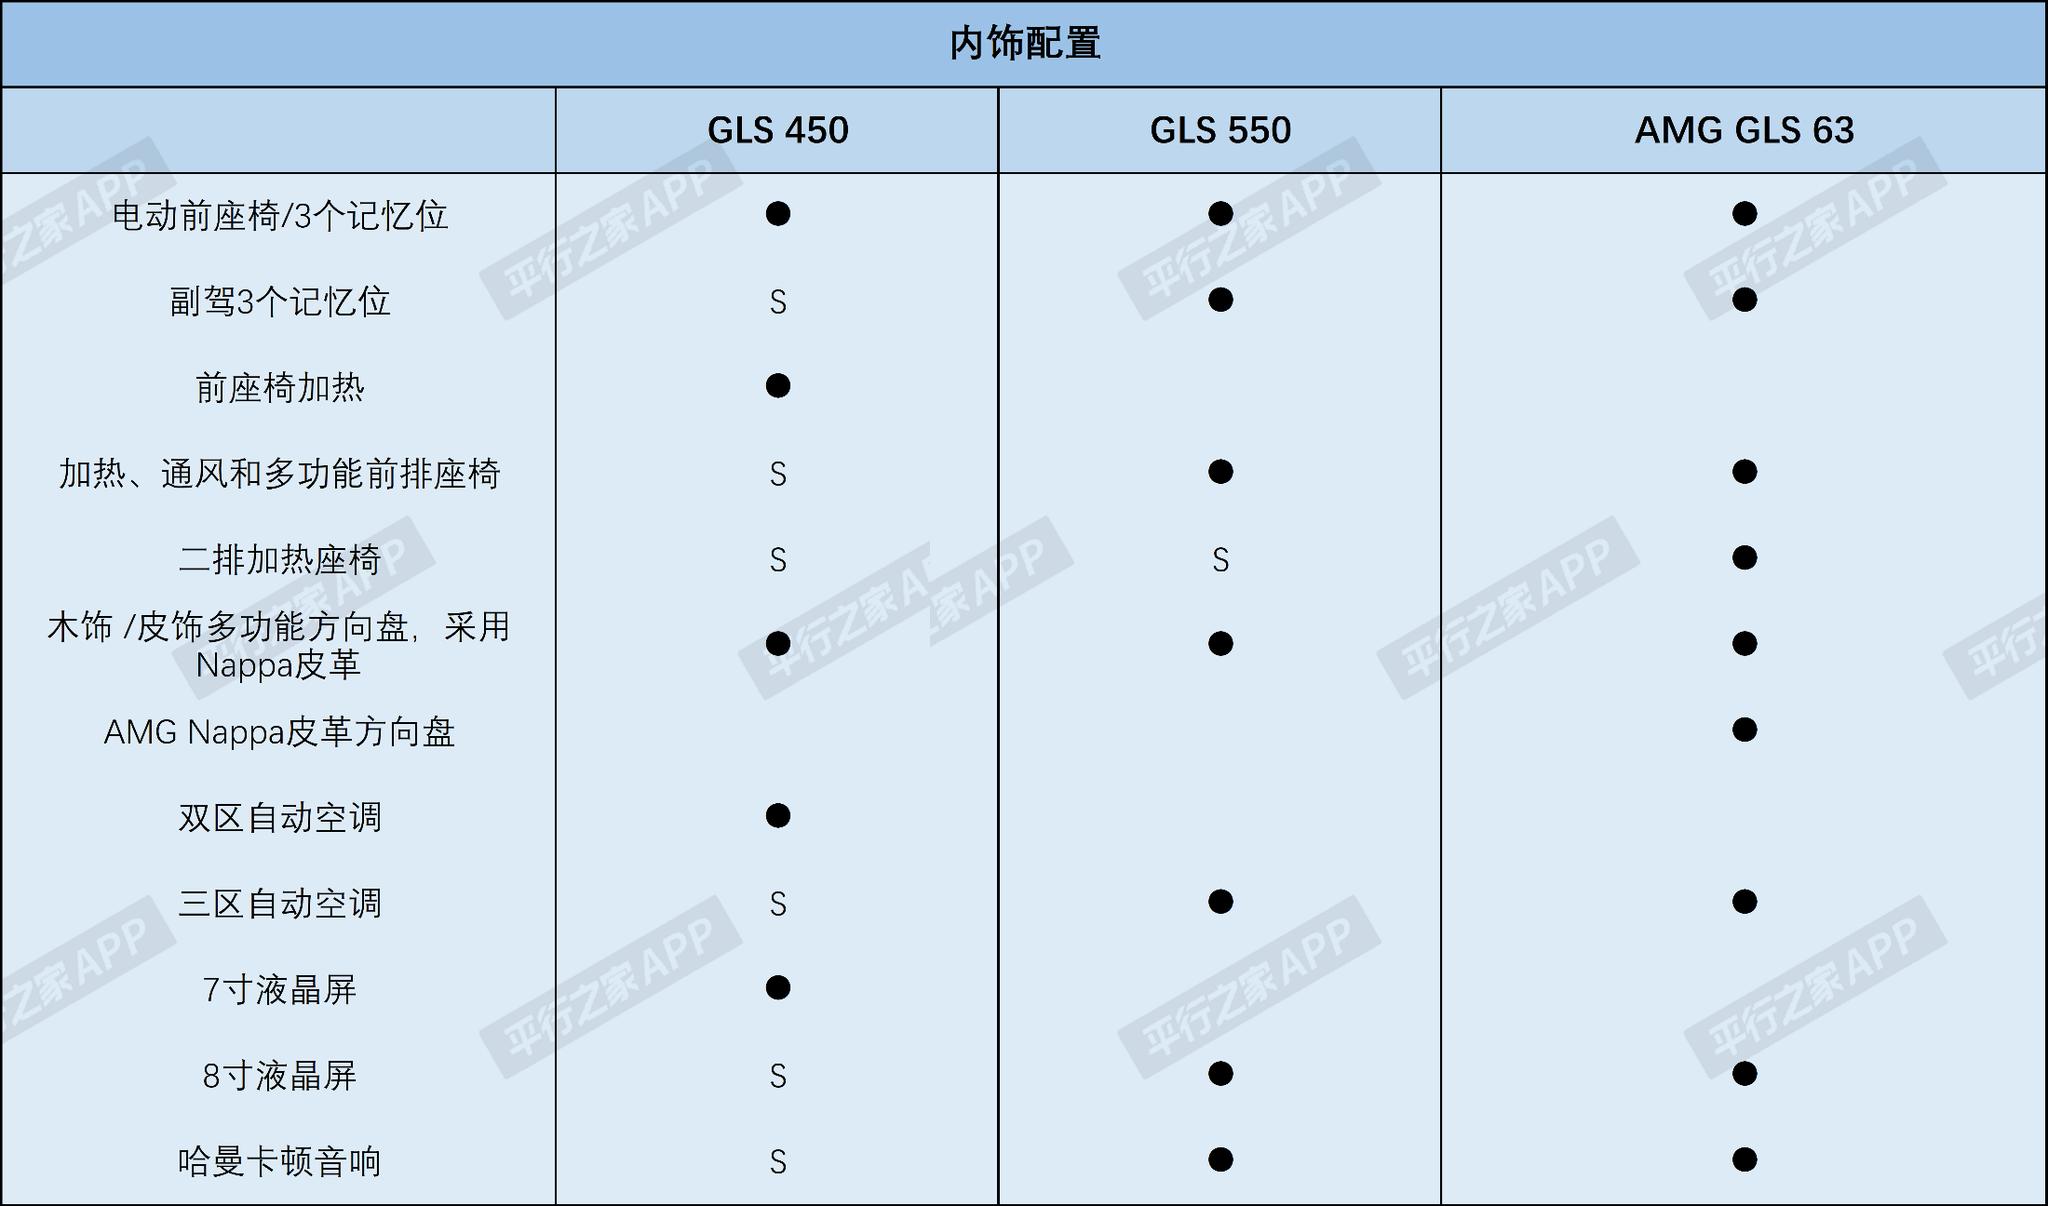 这版本北美才能买! 美规GLS配置解析